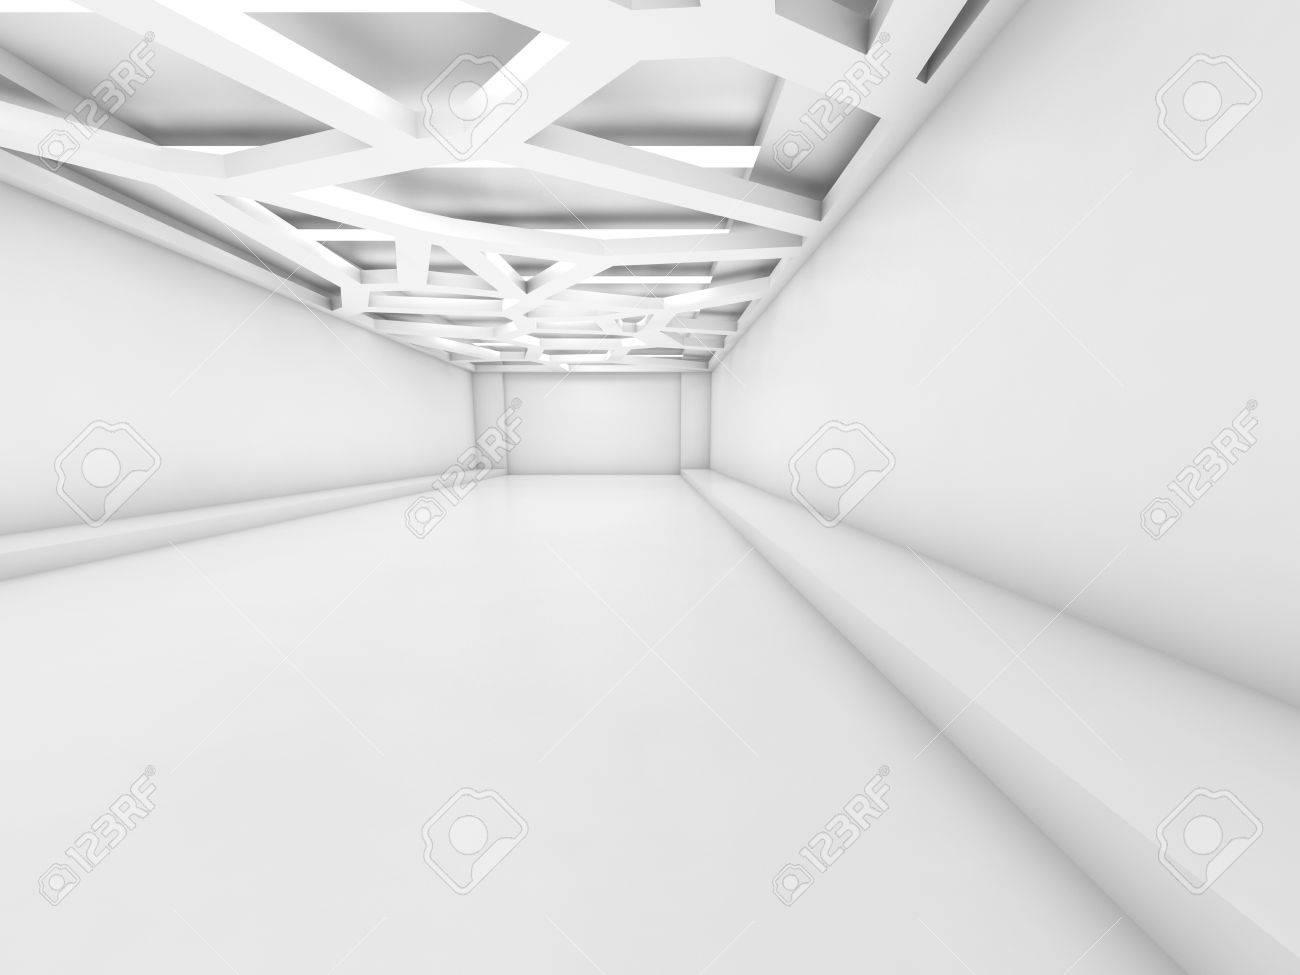 Résumé Fond Blanc Vide Intérieur Avec Système D'éclairage Au Plafond on